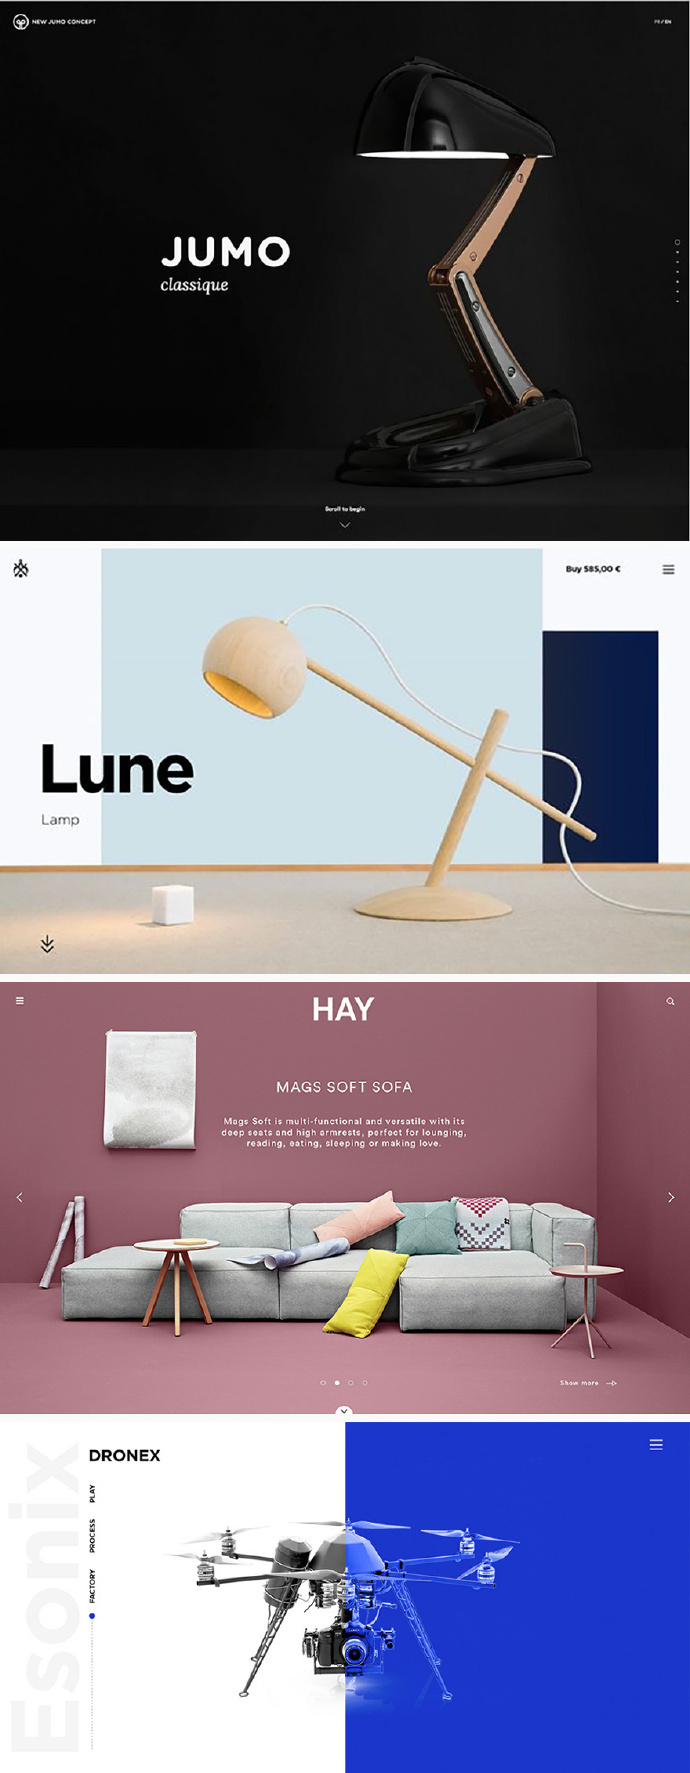 一组产品网页的banner展示,布局和配色排版设计都很简洁大气.图片